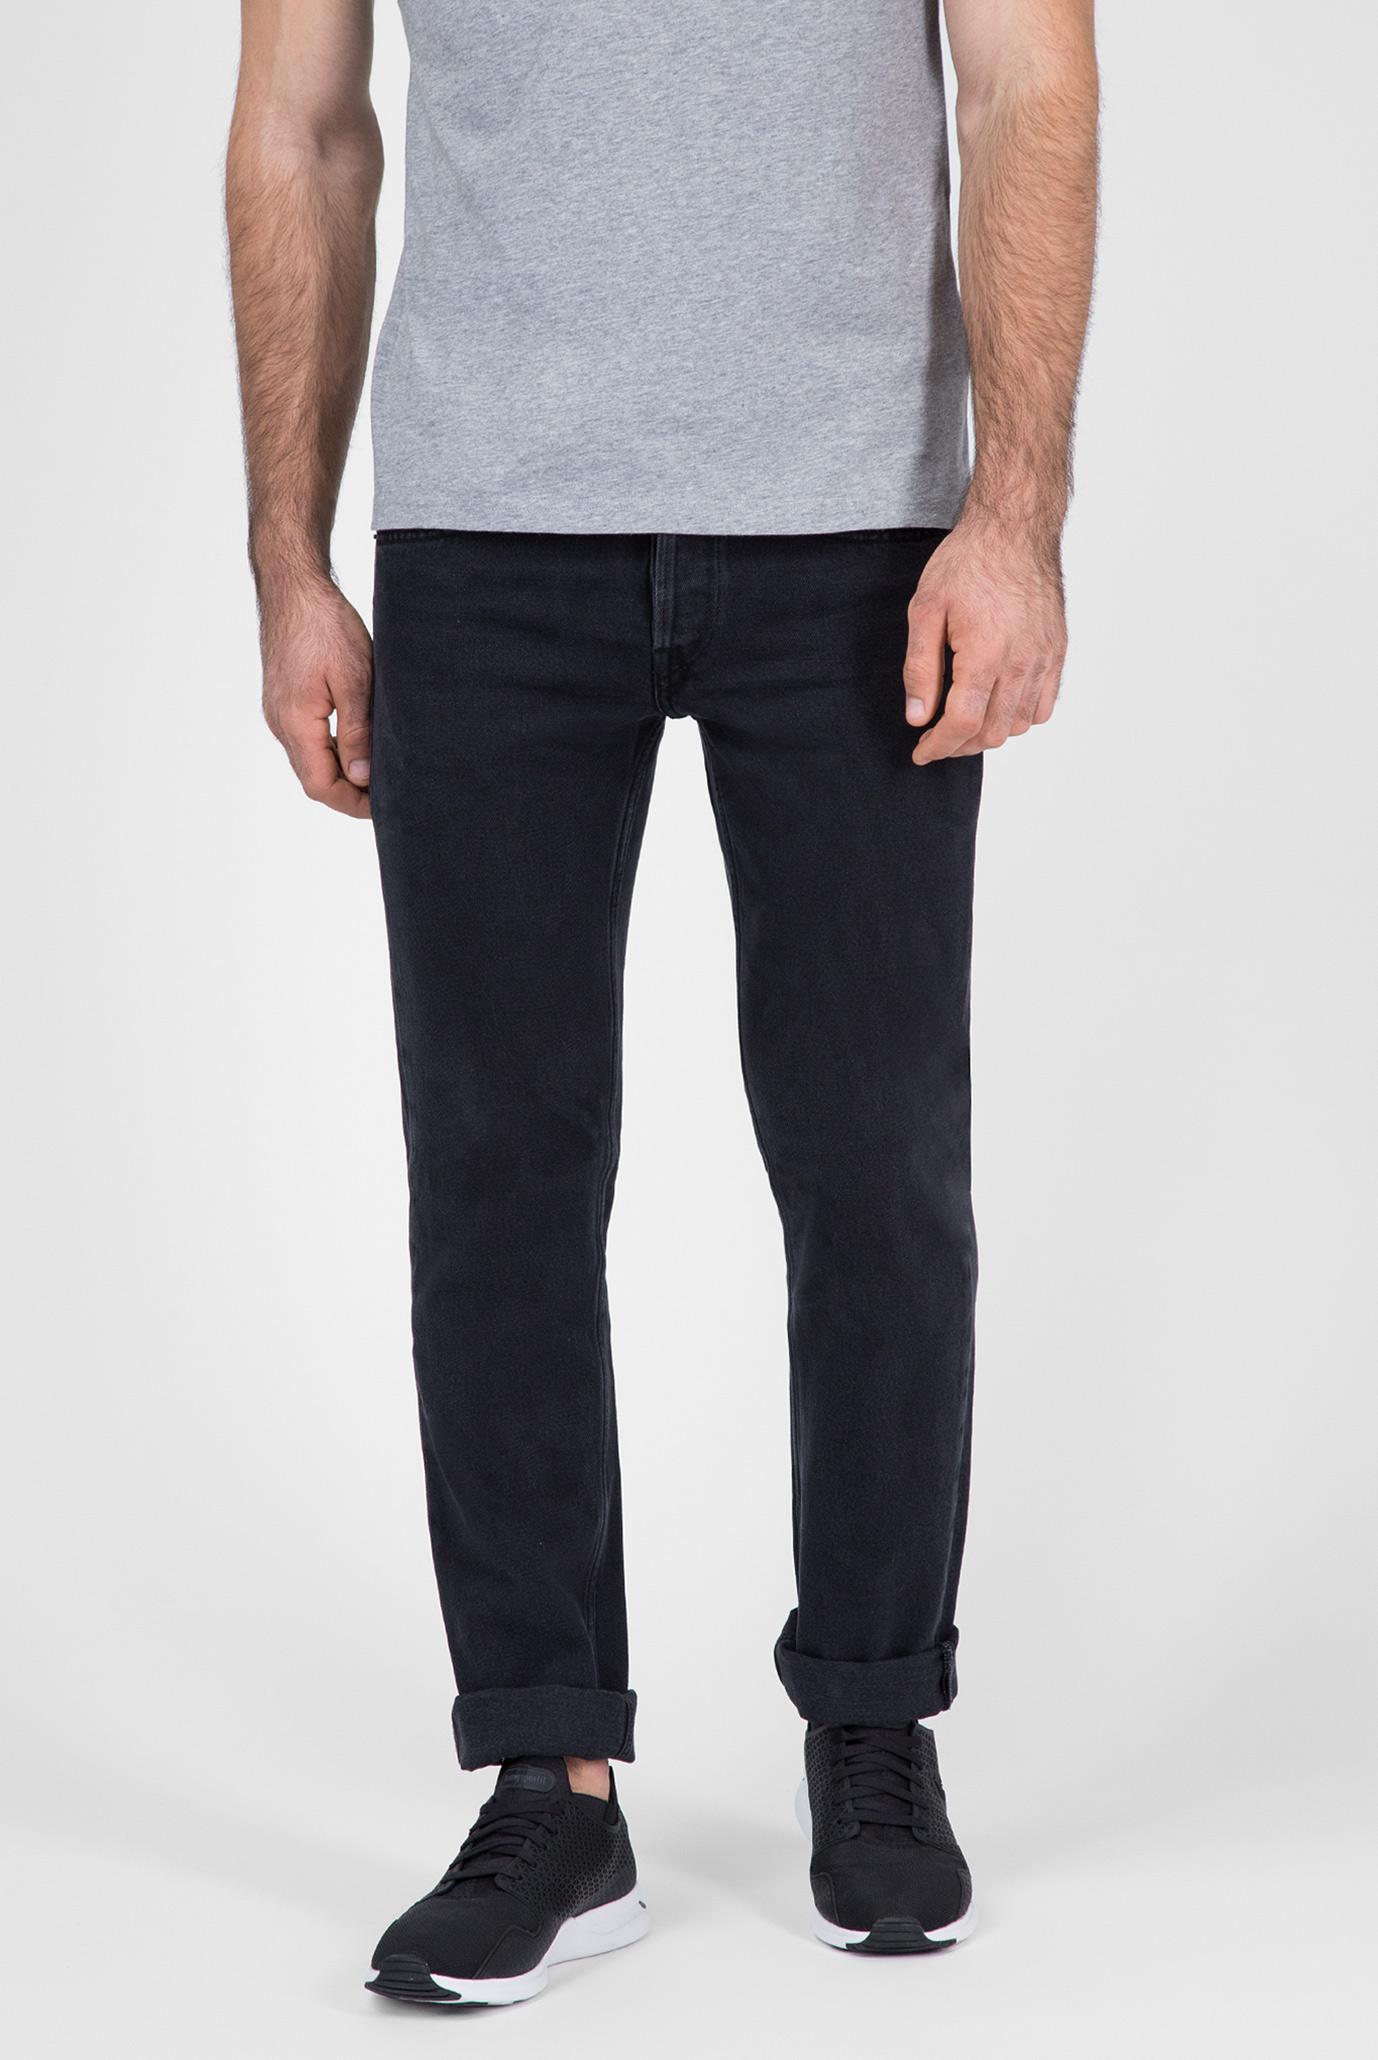 Купить Мужские черные джинсы Grover Replay Replay MA972 .000.138 321 – Киев, Украина. Цены в интернет магазине MD Fashion